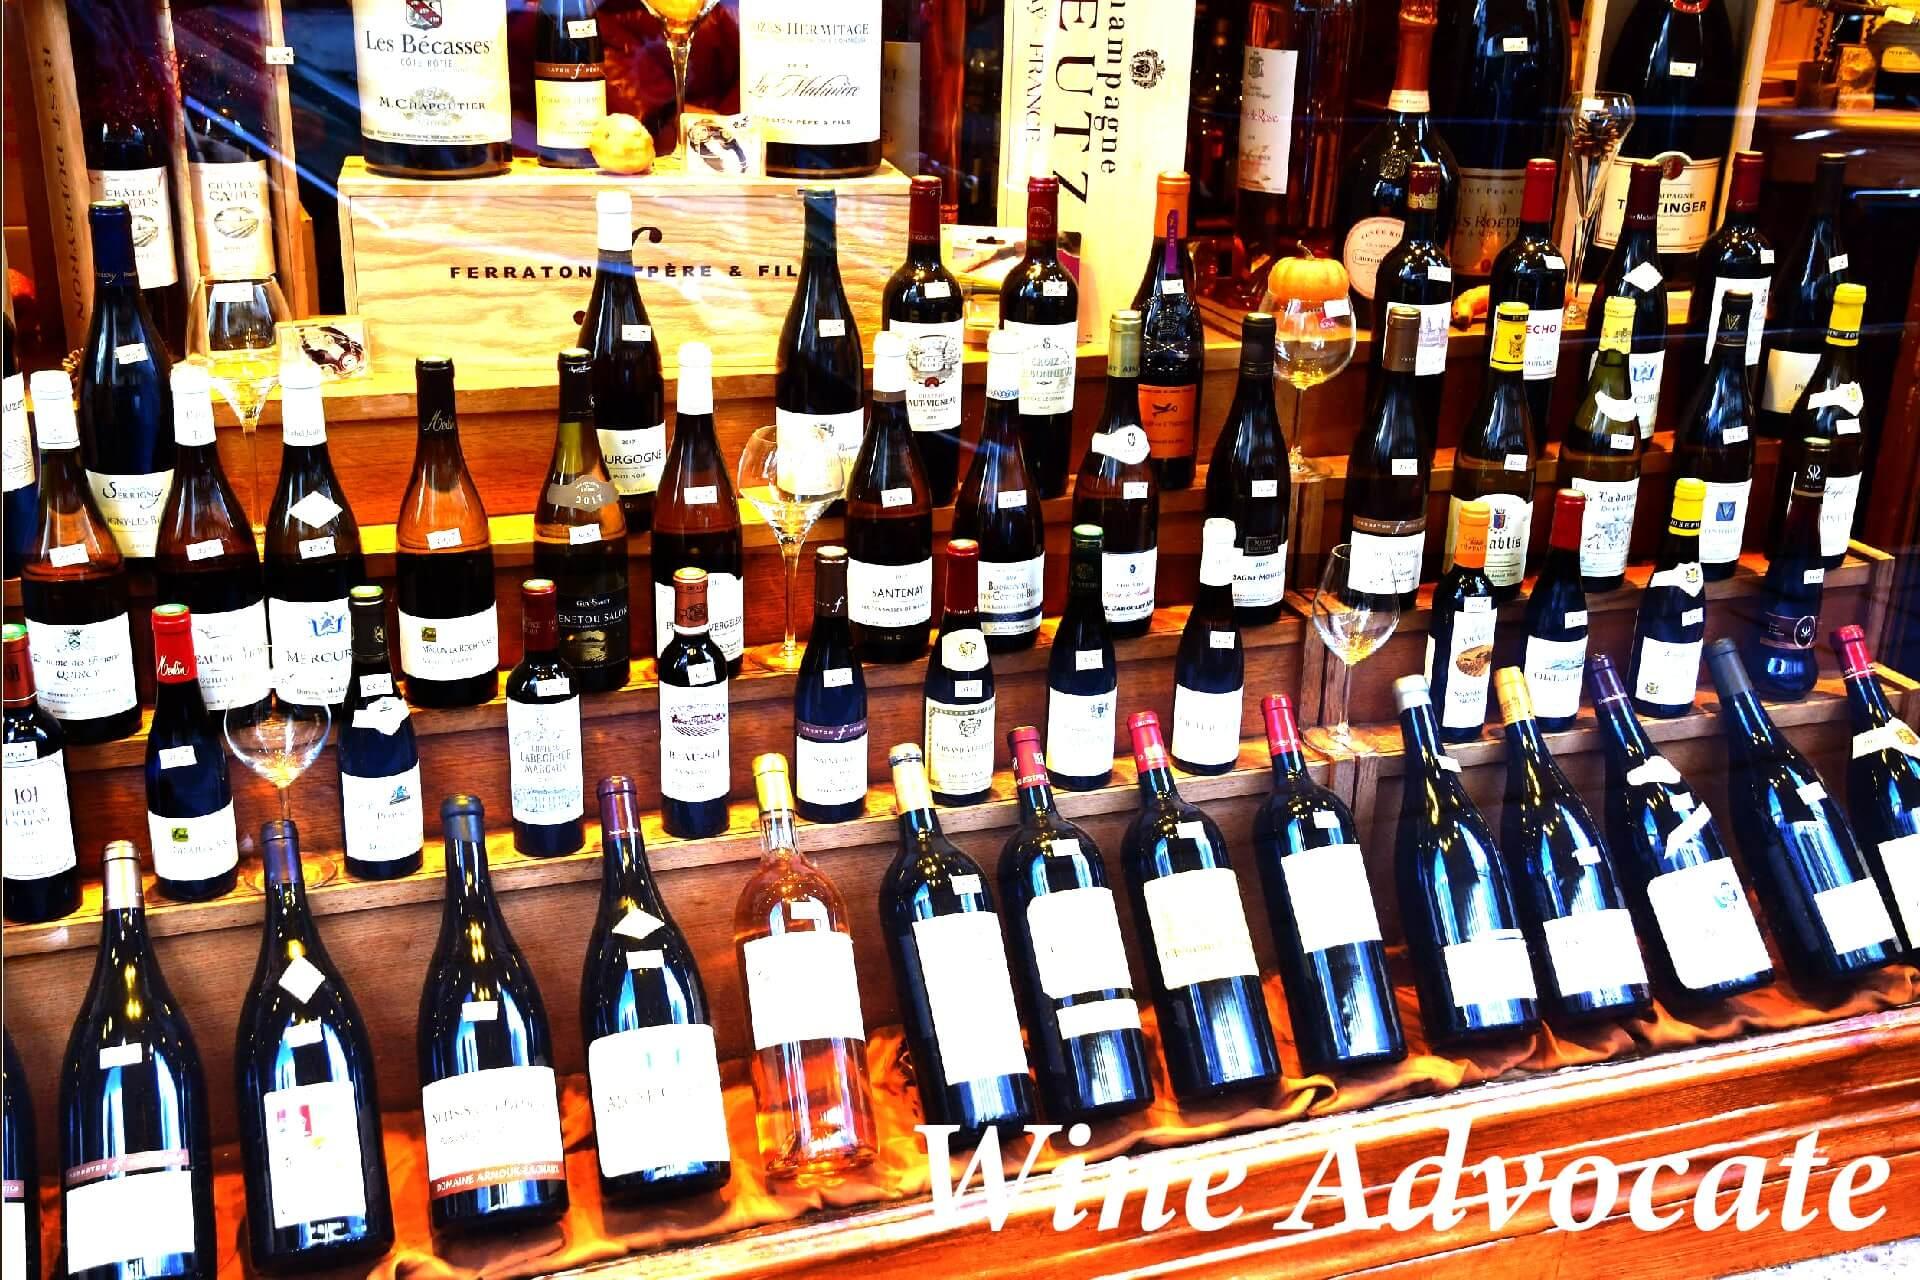 ワイン・アドヴォケイト誌で高得点を獲得した!2000円台中心のおすすめワインのメインビジュアル画像